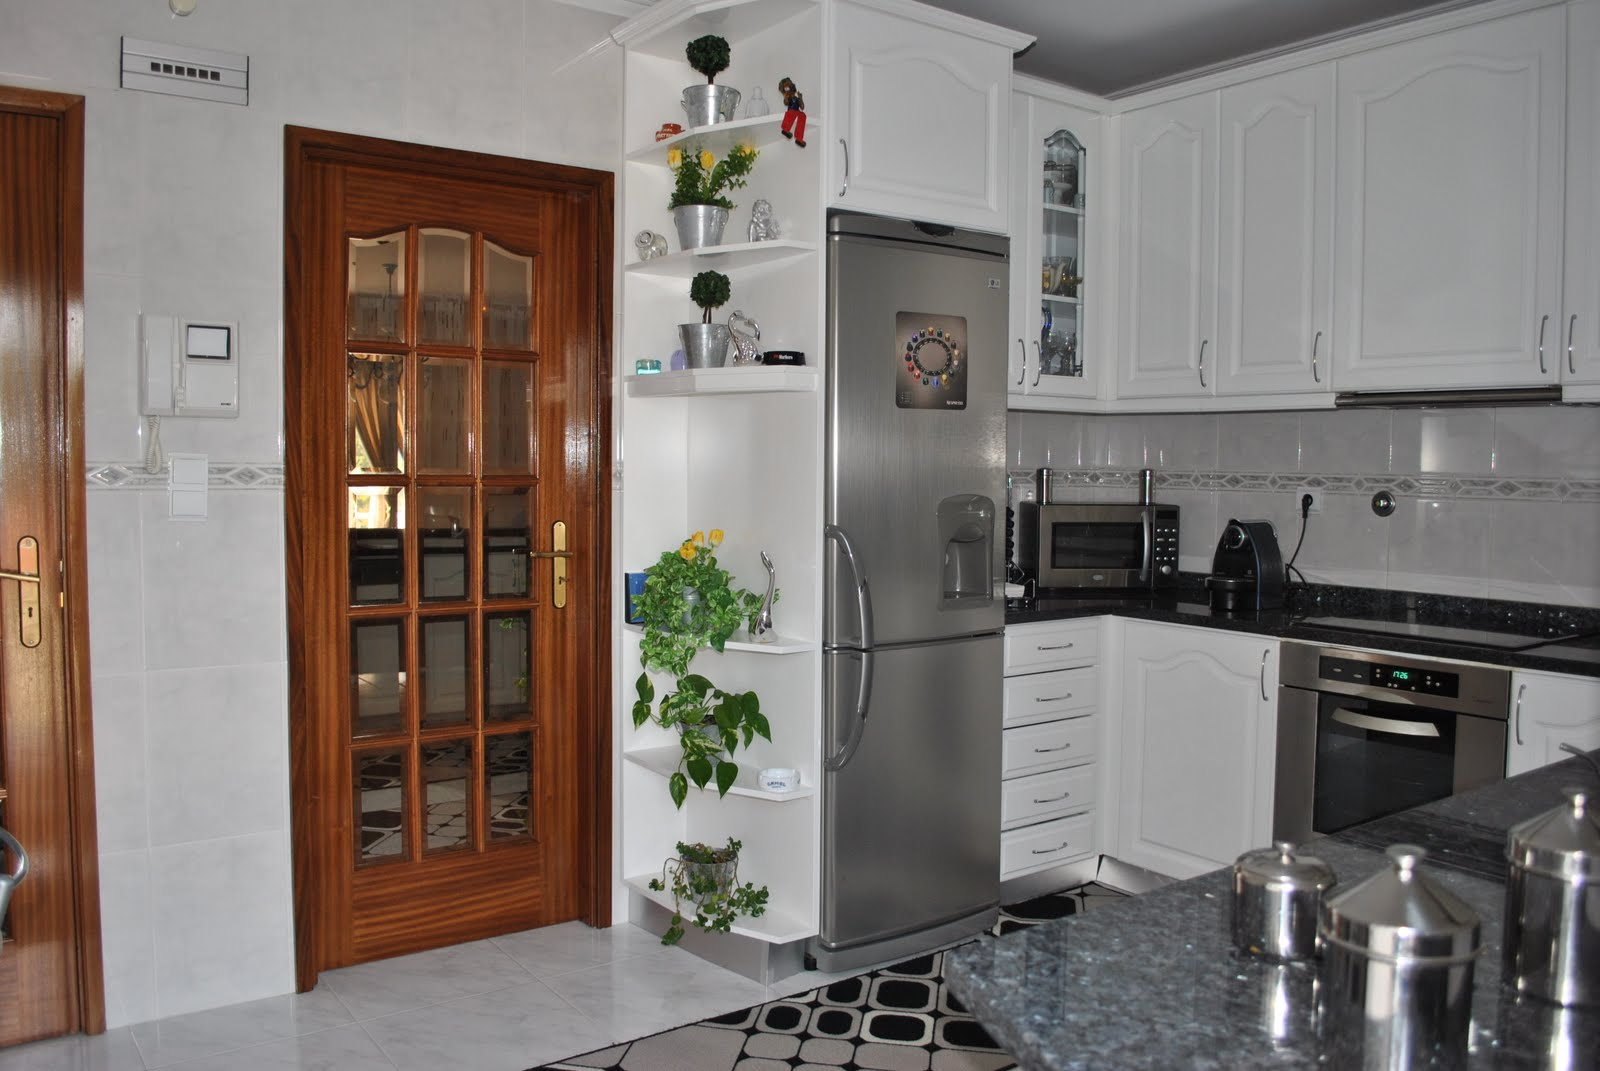 cozinha com dispensa %C3%A0 esq da foto.JPG #693C24 1600 1071